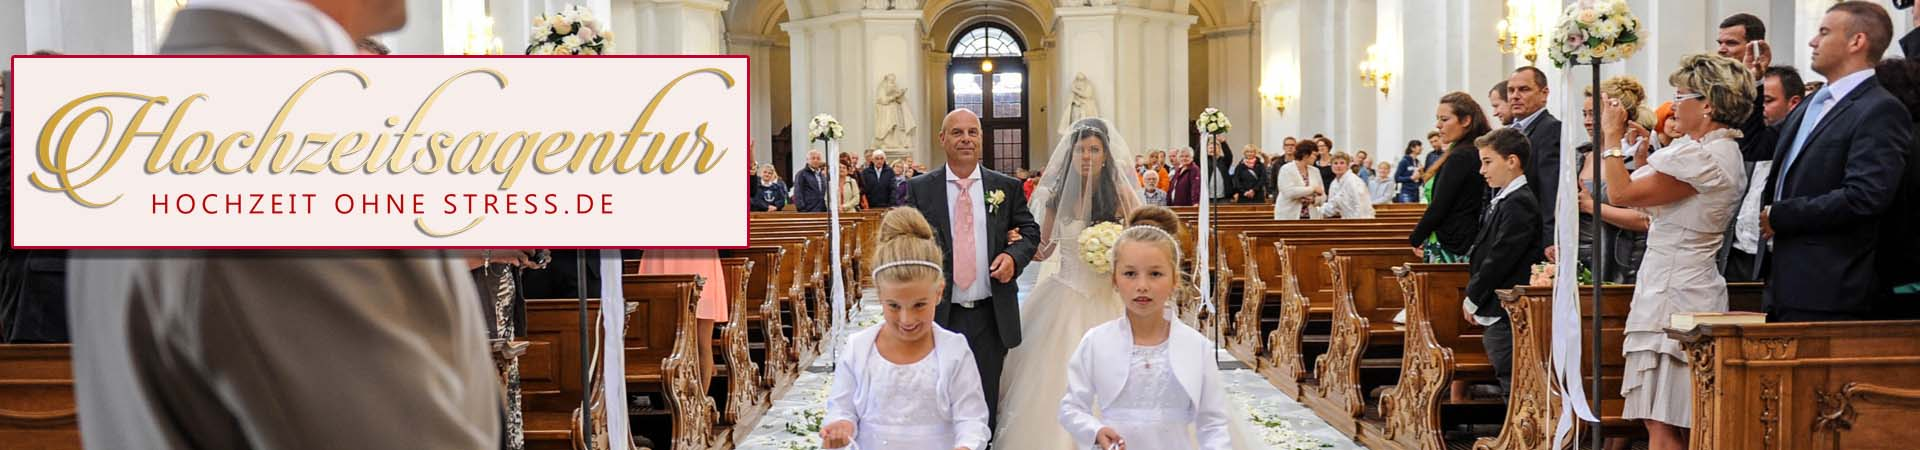 Hochzeitsplaner-Dresden-Hochzeitsagentur-HochzeitOhneStress-Bild01b